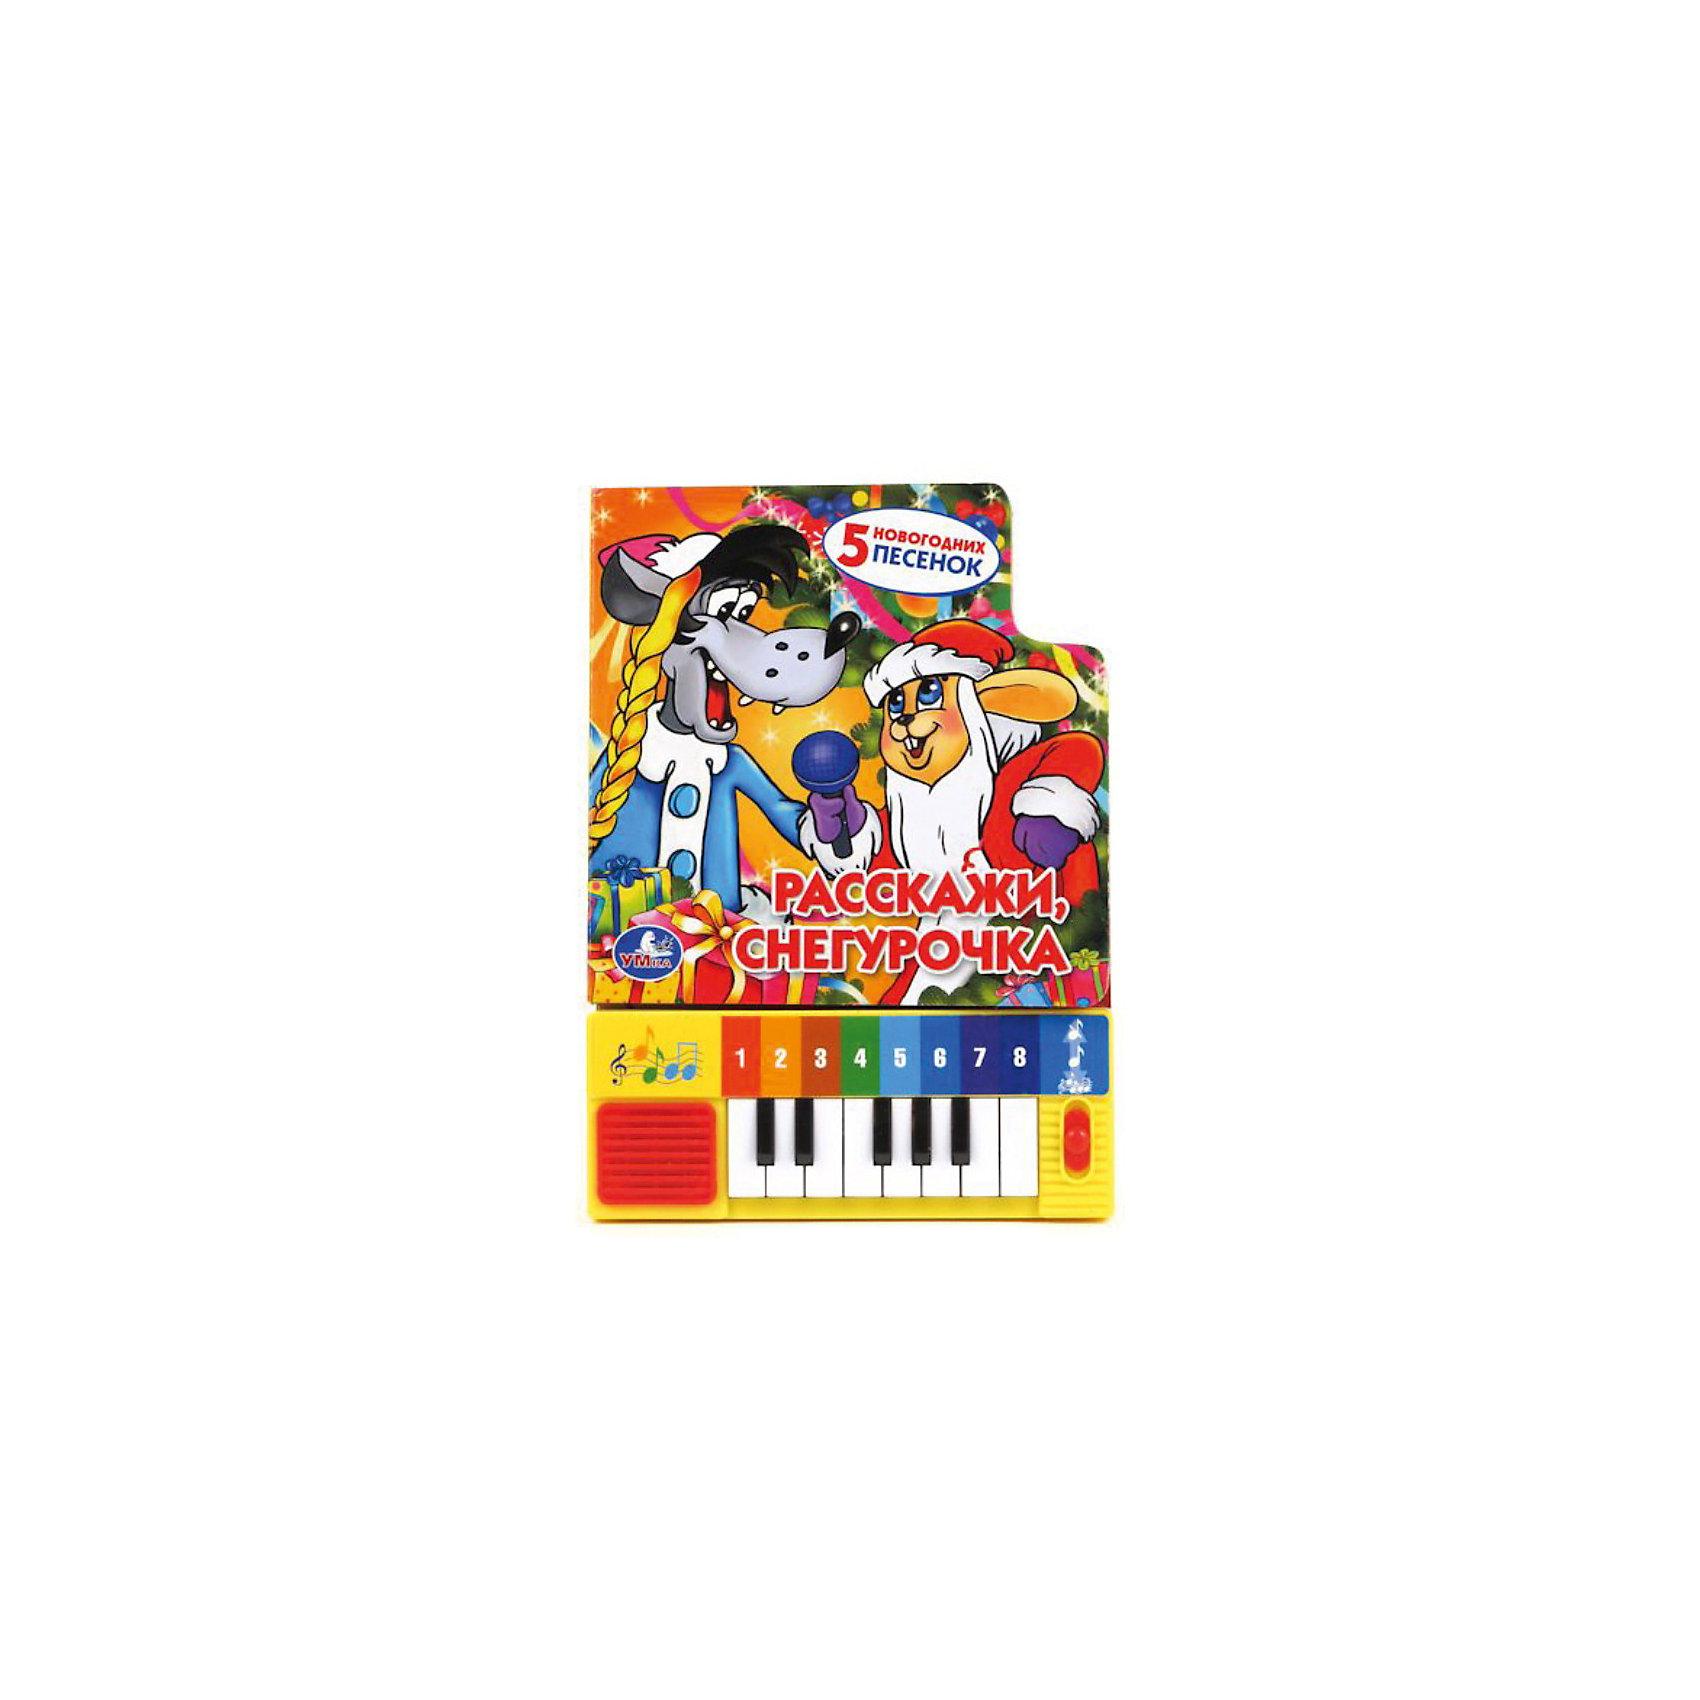 Книга-пианино Расскажи, СнегурочкаКнига-пианино Расскажи, Снегурочка с 8 клавишами и 5 новогодними песенками очень понравится ребенку, а веселые картинки с узнаваемыми героями позабавят кроху занимательными сюжетами. В нижней части книги располагается звуковой модуль, который работает в 2 режимах: пианино и песенки. На каждой странице книги представлен текст песенки (вся песенка или ее часть) с разноцветными нотками, которые соответствуют цвету клавиш пианино. Книга Расскажи, Снегурочка поможет в развитии мелкой моторики пальчиков, координации движений, слухового и зрительного восприятия ребенка, а также станет чудесным стартом для развития музыкальной памяти, чувства ритма и эстетического восприятия.<br><br>Дополнительная информация:<br><br>- Количество страниц: 10;<br>- Чудный подарок для поклонников мультфильма Ну погоди!;<br>- 5 песенок;<br>- Два режима: пианино и прослушивание песен;<br>- Прекрасное оформление;<br>- Твердая обложка, плотные картонные листы;<br>- Яркие иллюстрации;<br>- Размер: 14 х 20 см;<br>- Вес: 280 г<br><br>Книгу-пианино Расскажи, Снегурочка, Умка  можно купить в нашем интернет-магазине.<br><br>Ширина мм: 150<br>Глубина мм: 20<br>Высота мм: 200<br>Вес г: 280<br>Возраст от месяцев: 12<br>Возраст до месяцев: 60<br>Пол: Унисекс<br>Возраст: Детский<br>SKU: 3801142